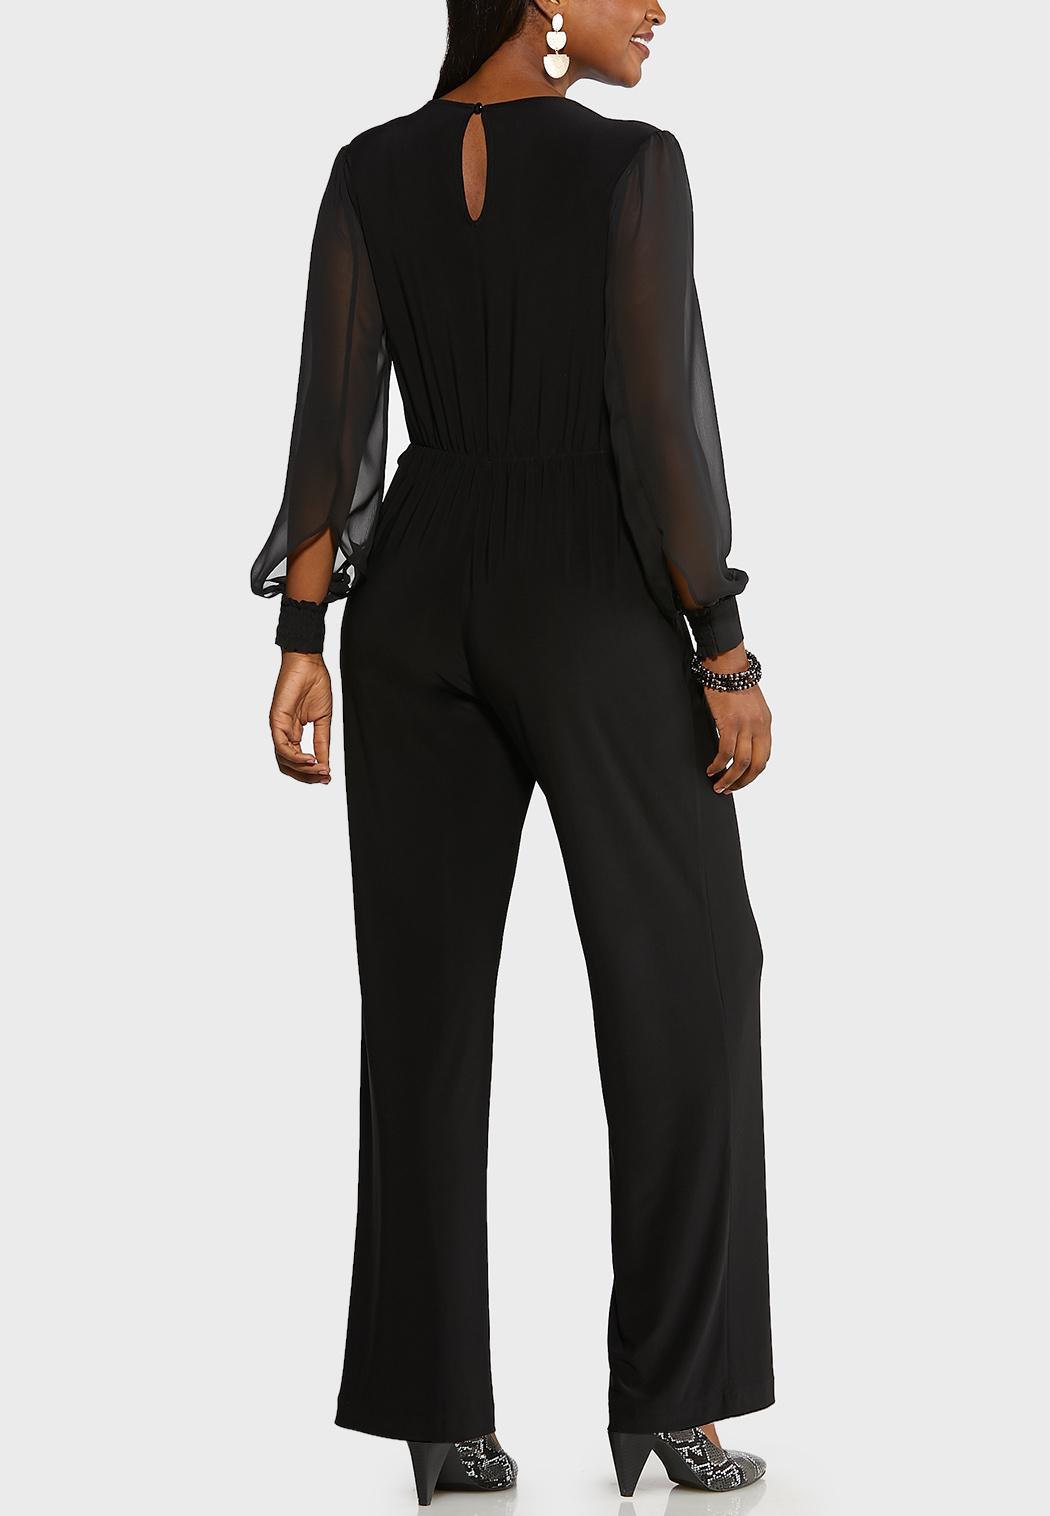 Petite Surplice Tie Jumpsuit  (Item #44017529)